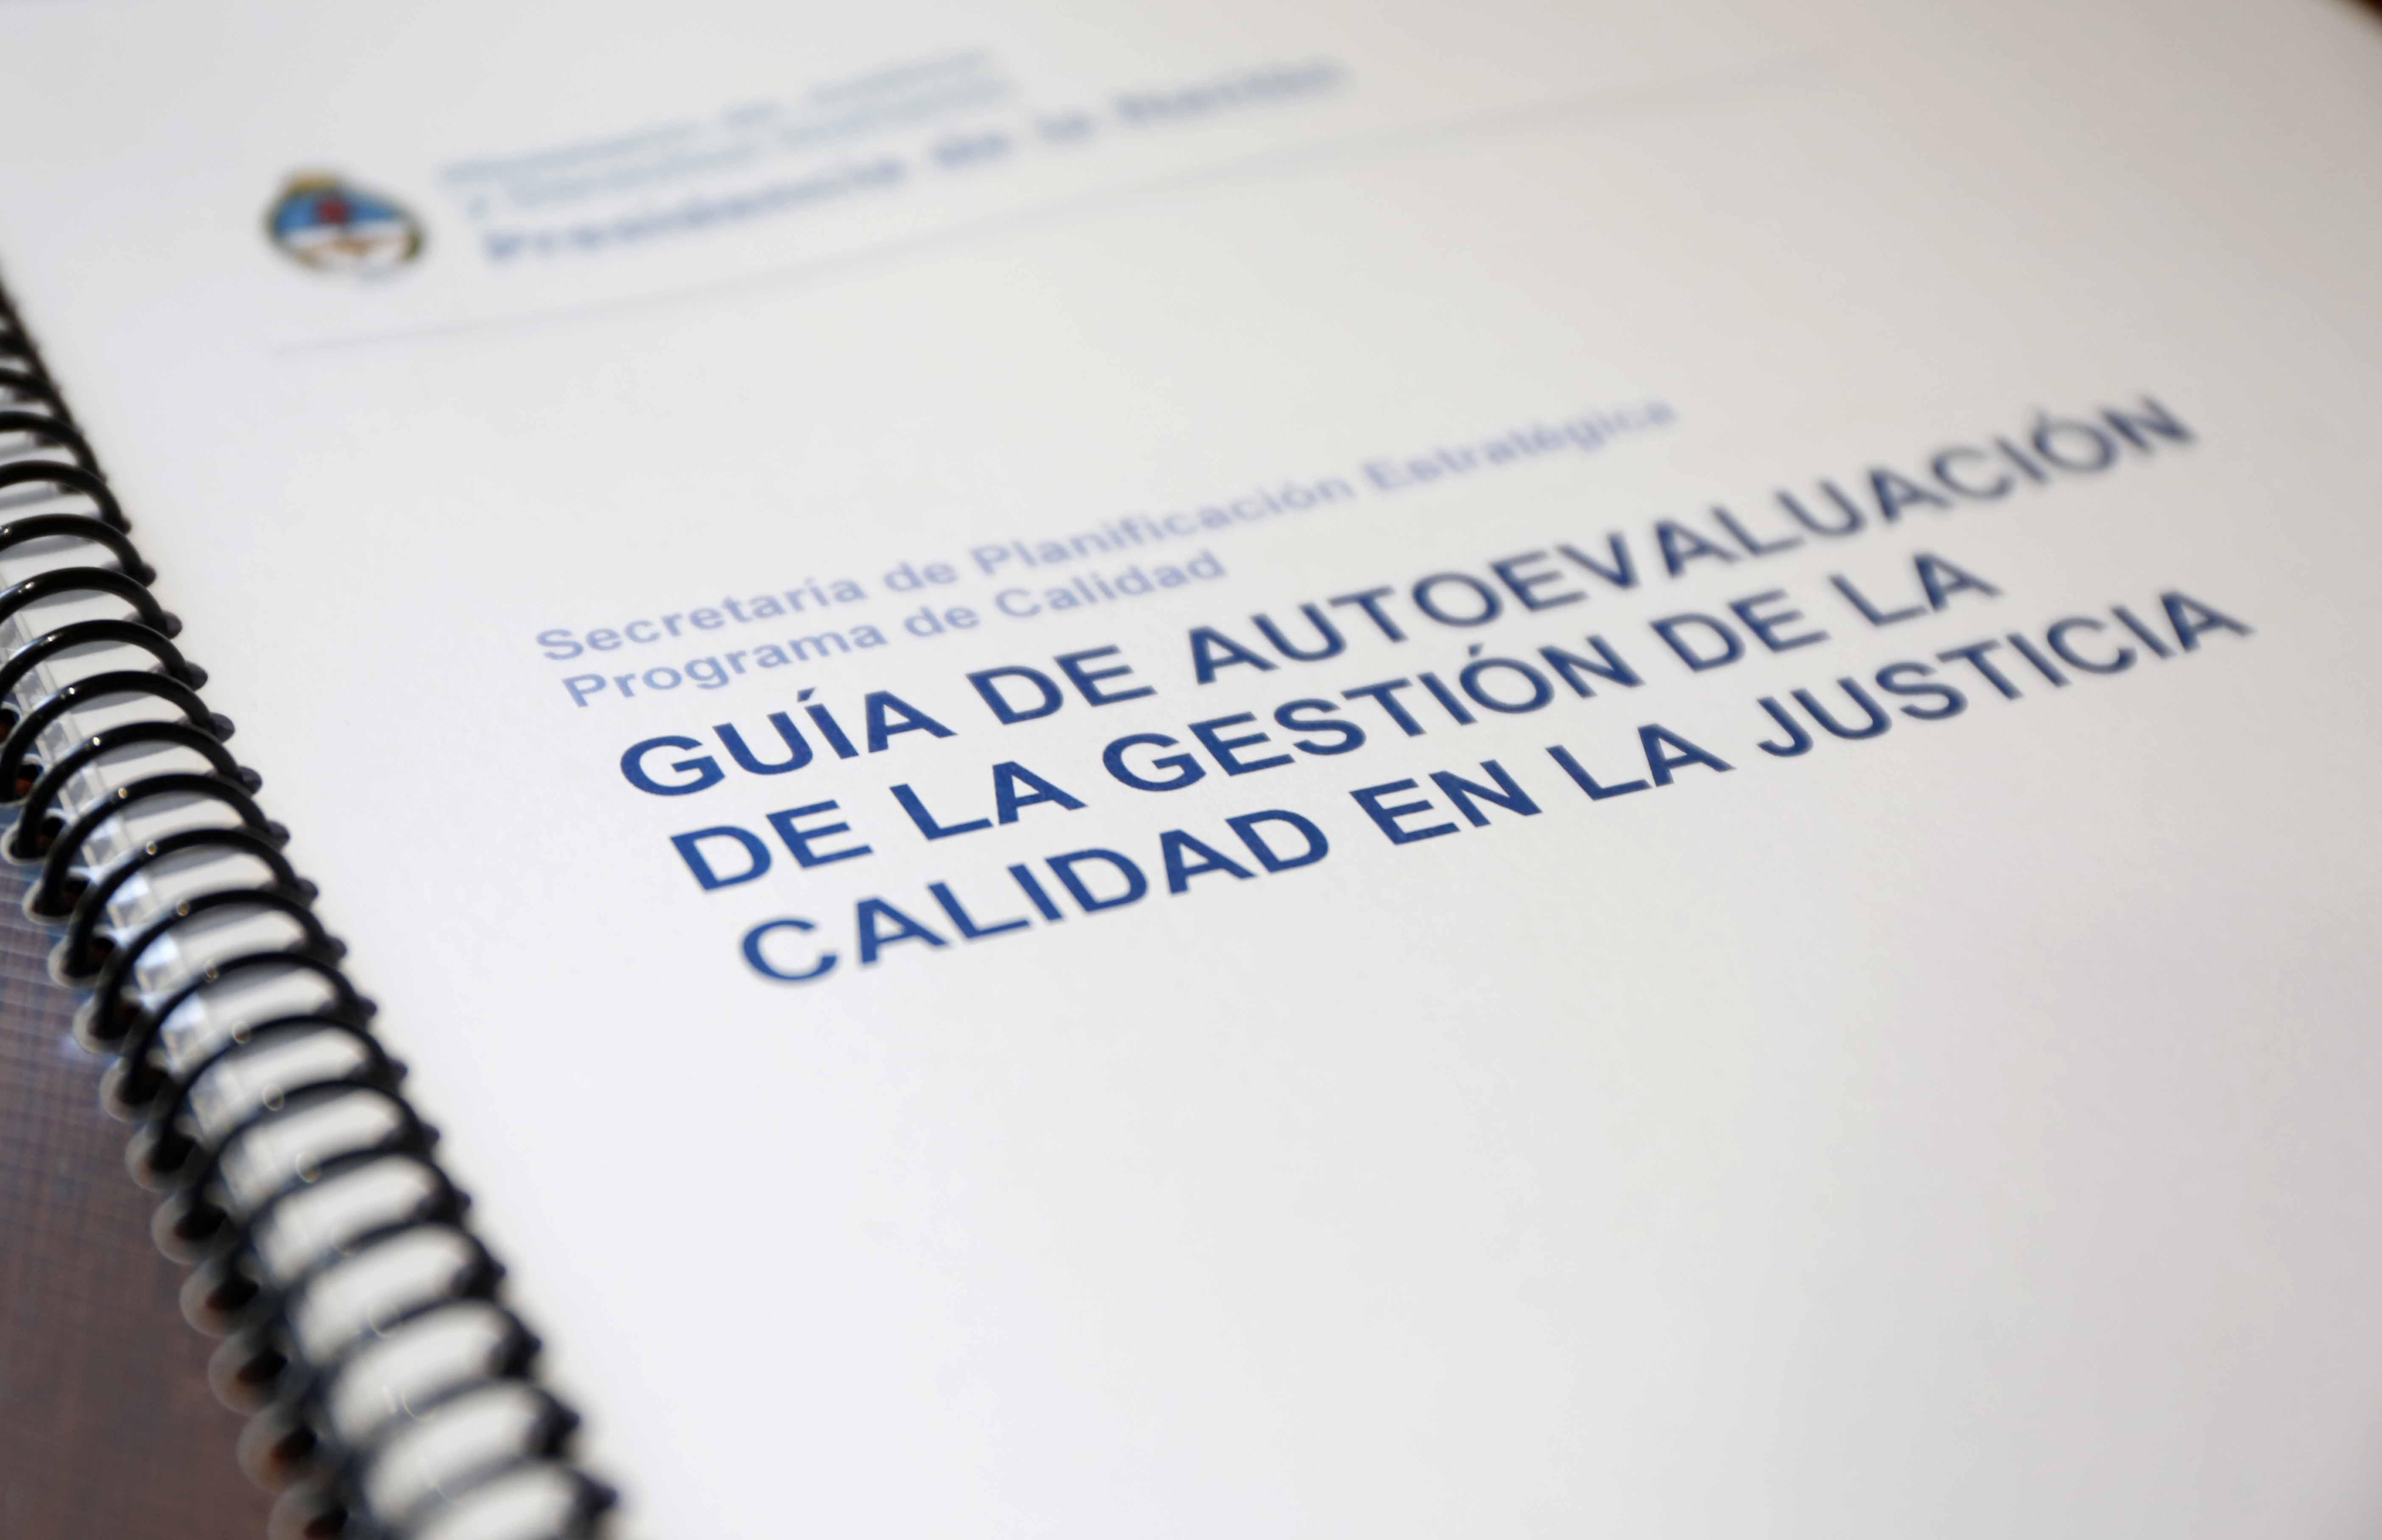 Capacitación sobre calidad en gestión judicial para magistrados